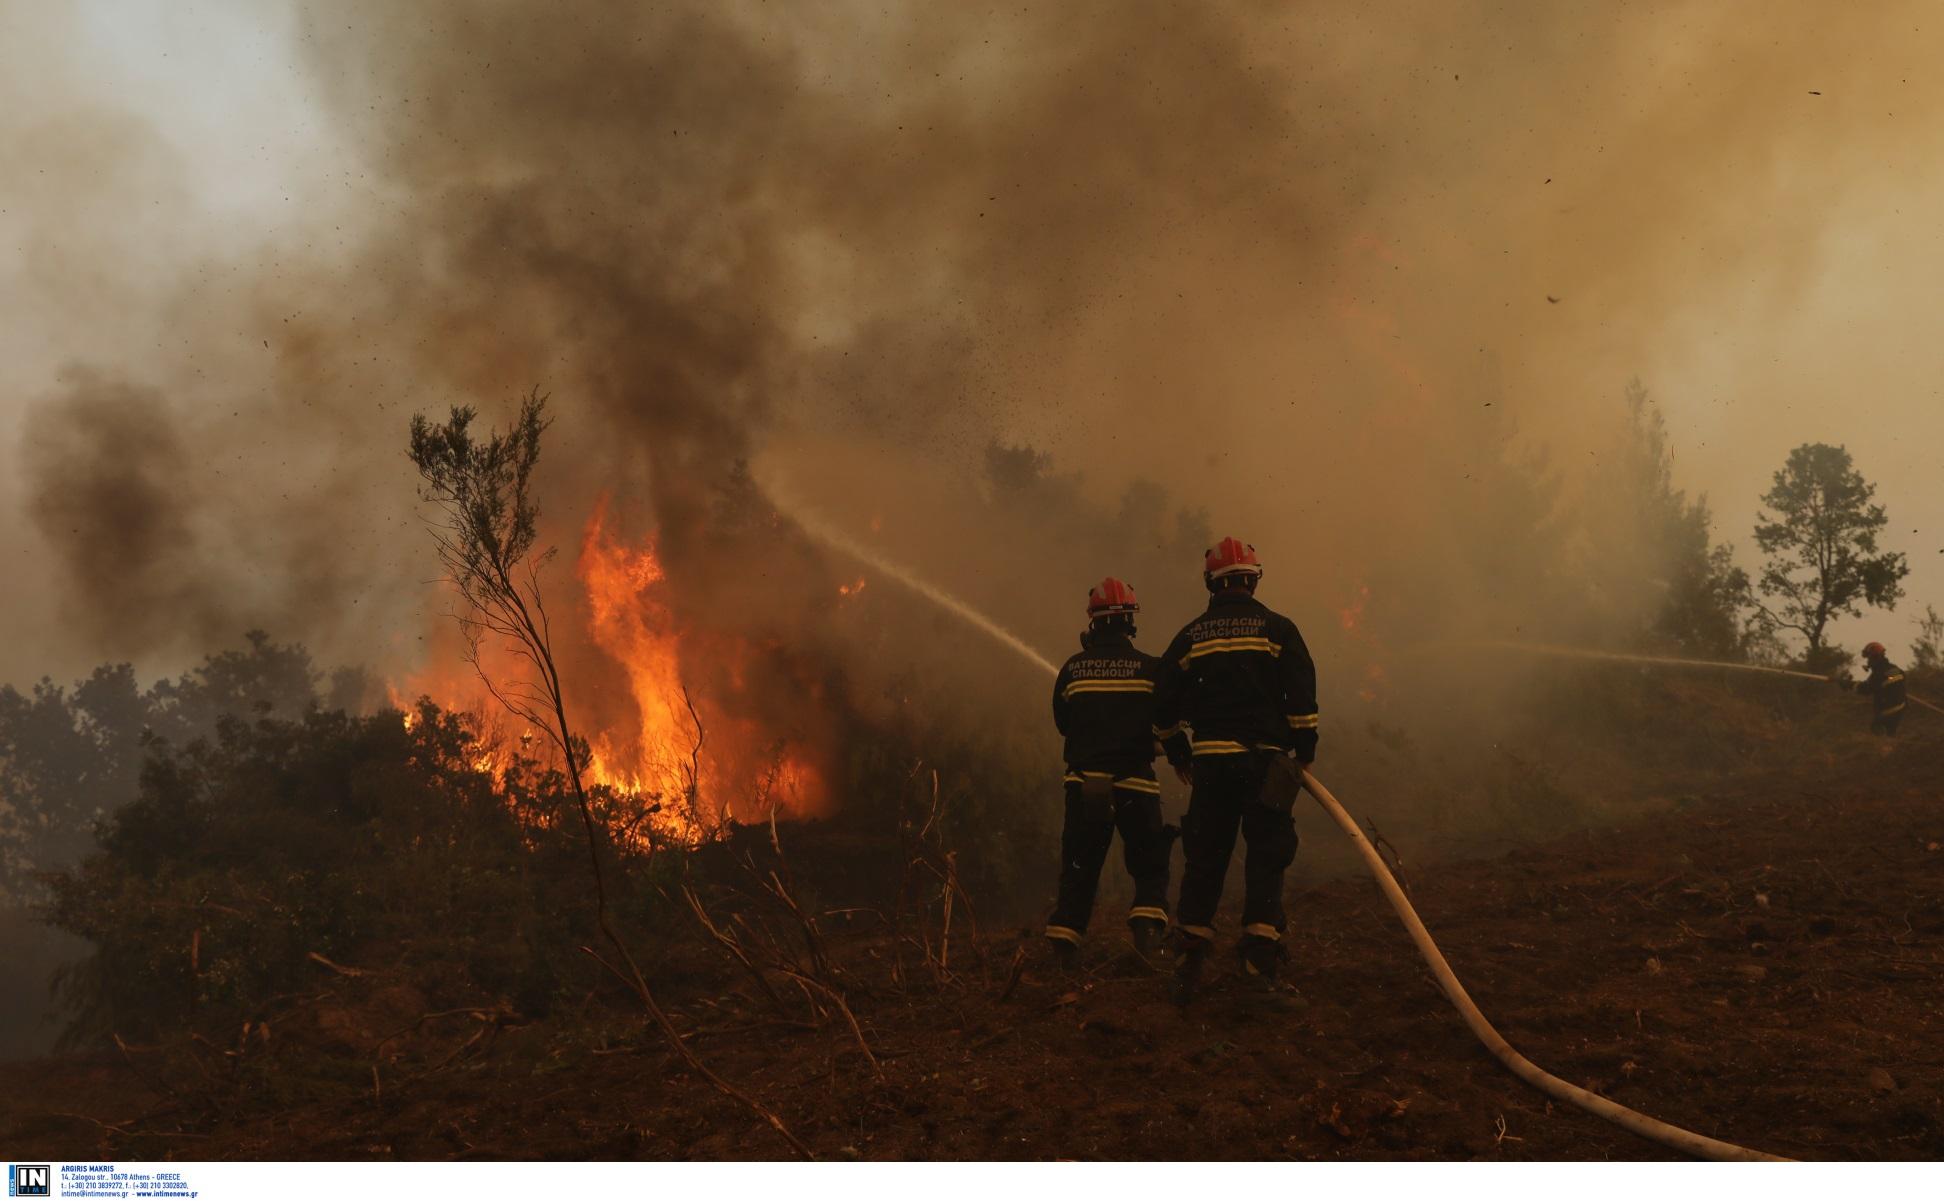 Φωτιές στην Αρχαία Ολυμπία: Διπλό μέτωπο σε Πελόπιο και Ηράκλεια – Φόβοι για εμπρησμούς